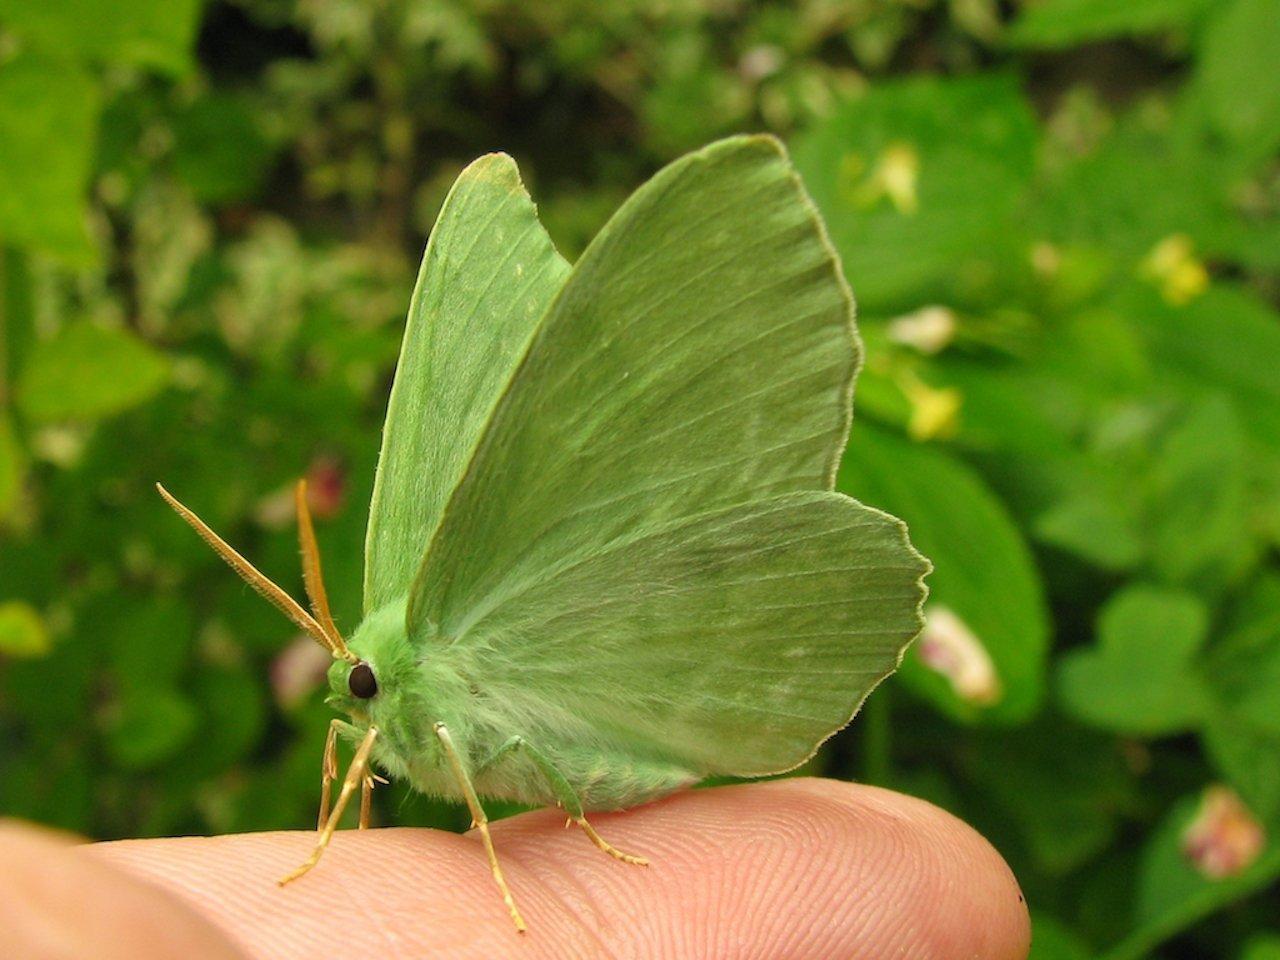 Ein Grünes Blatt, geometra papilionaria, sitzt auf einem Finger. Der Schmetterling ist hellgrün und sieht aus wie ein Blatt.